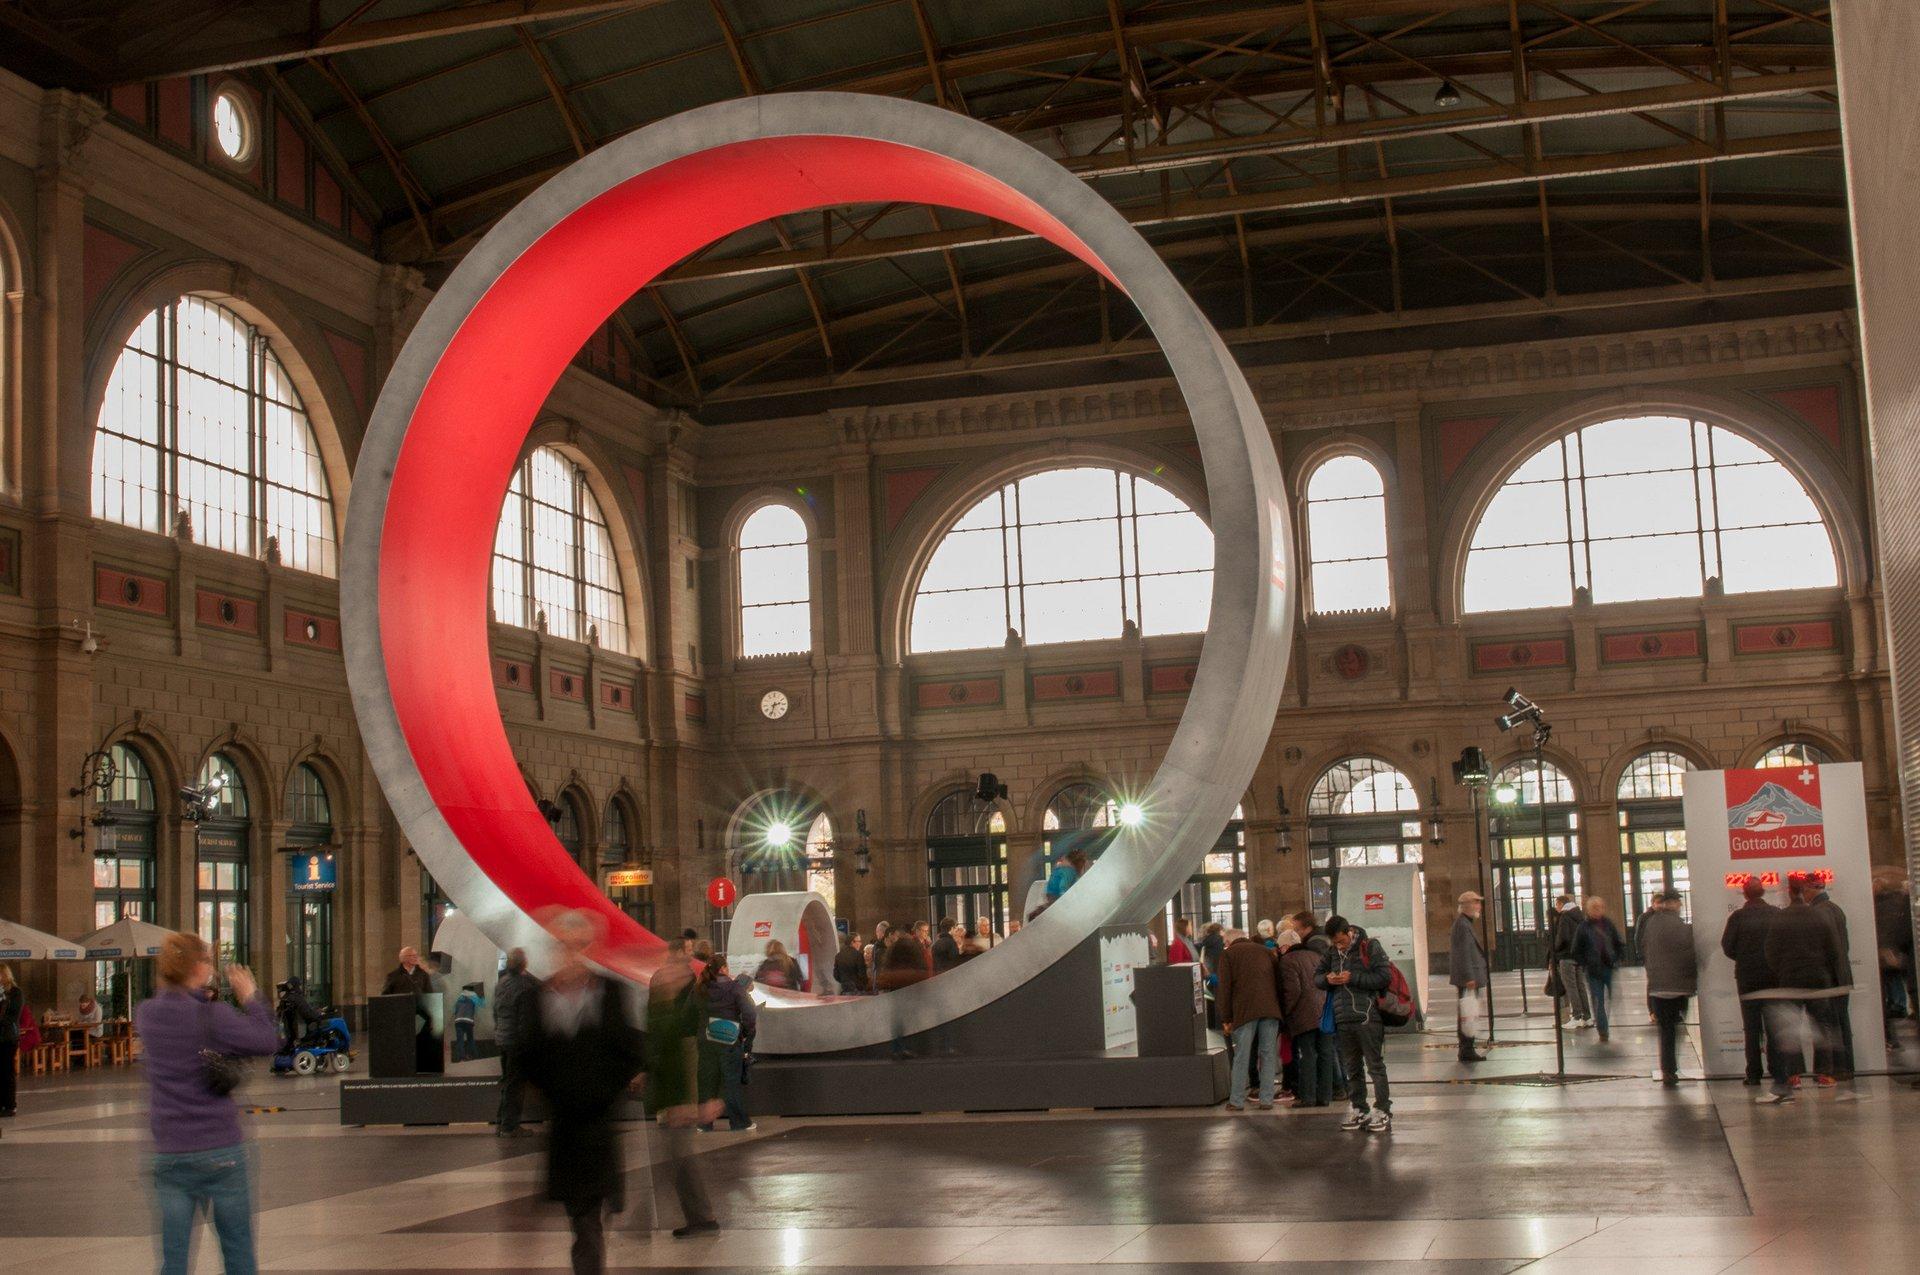 Bahnhofshalle mit grossem Betonring von innen rot beleuchtet